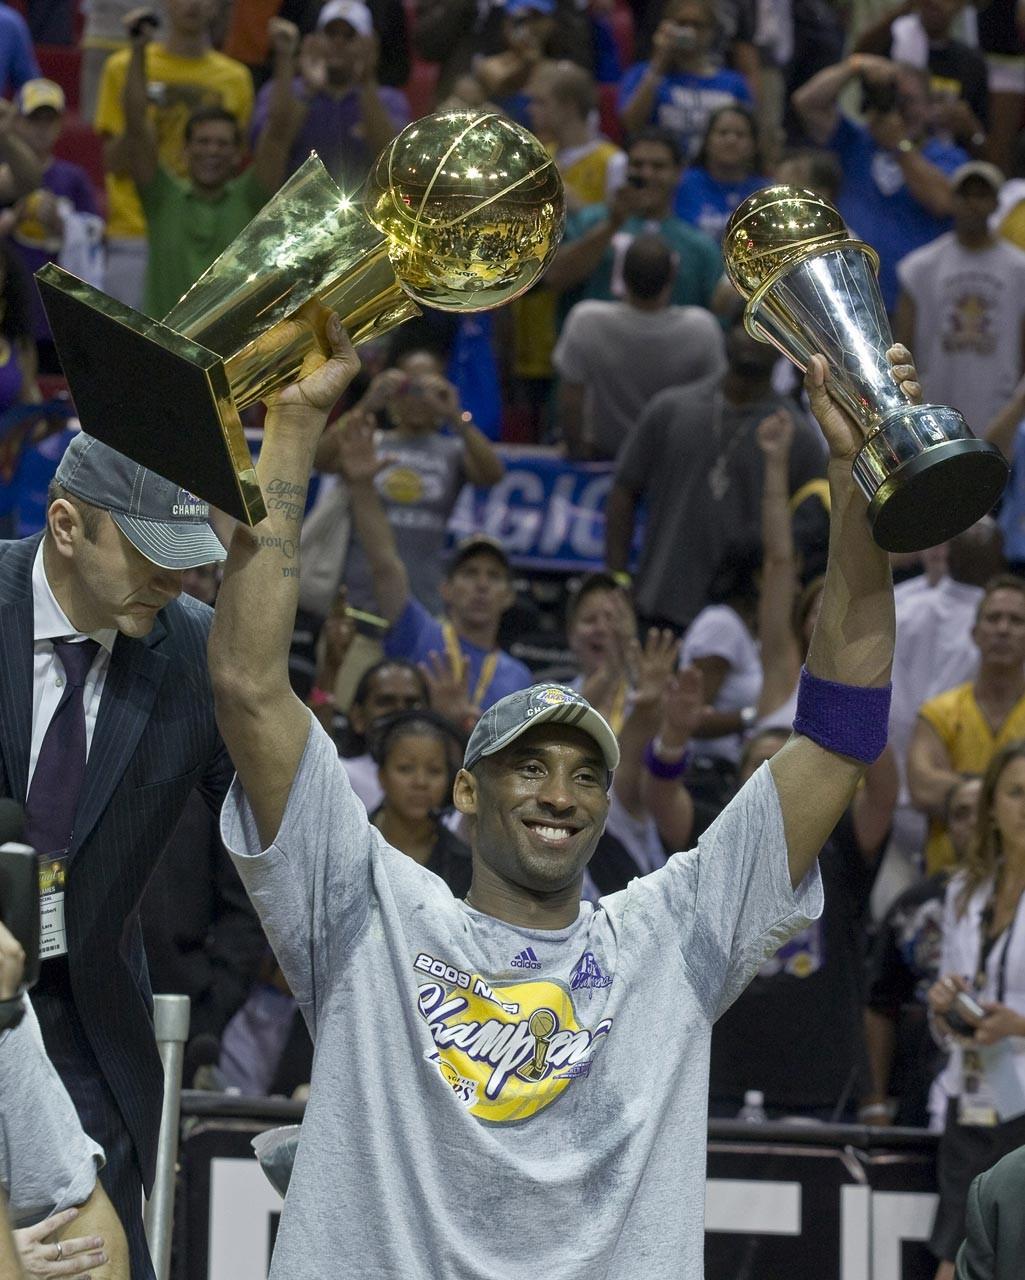 Kobe Bryant, bir ödül töreninde kendisine verilen ödülleri havaya kaldırırken